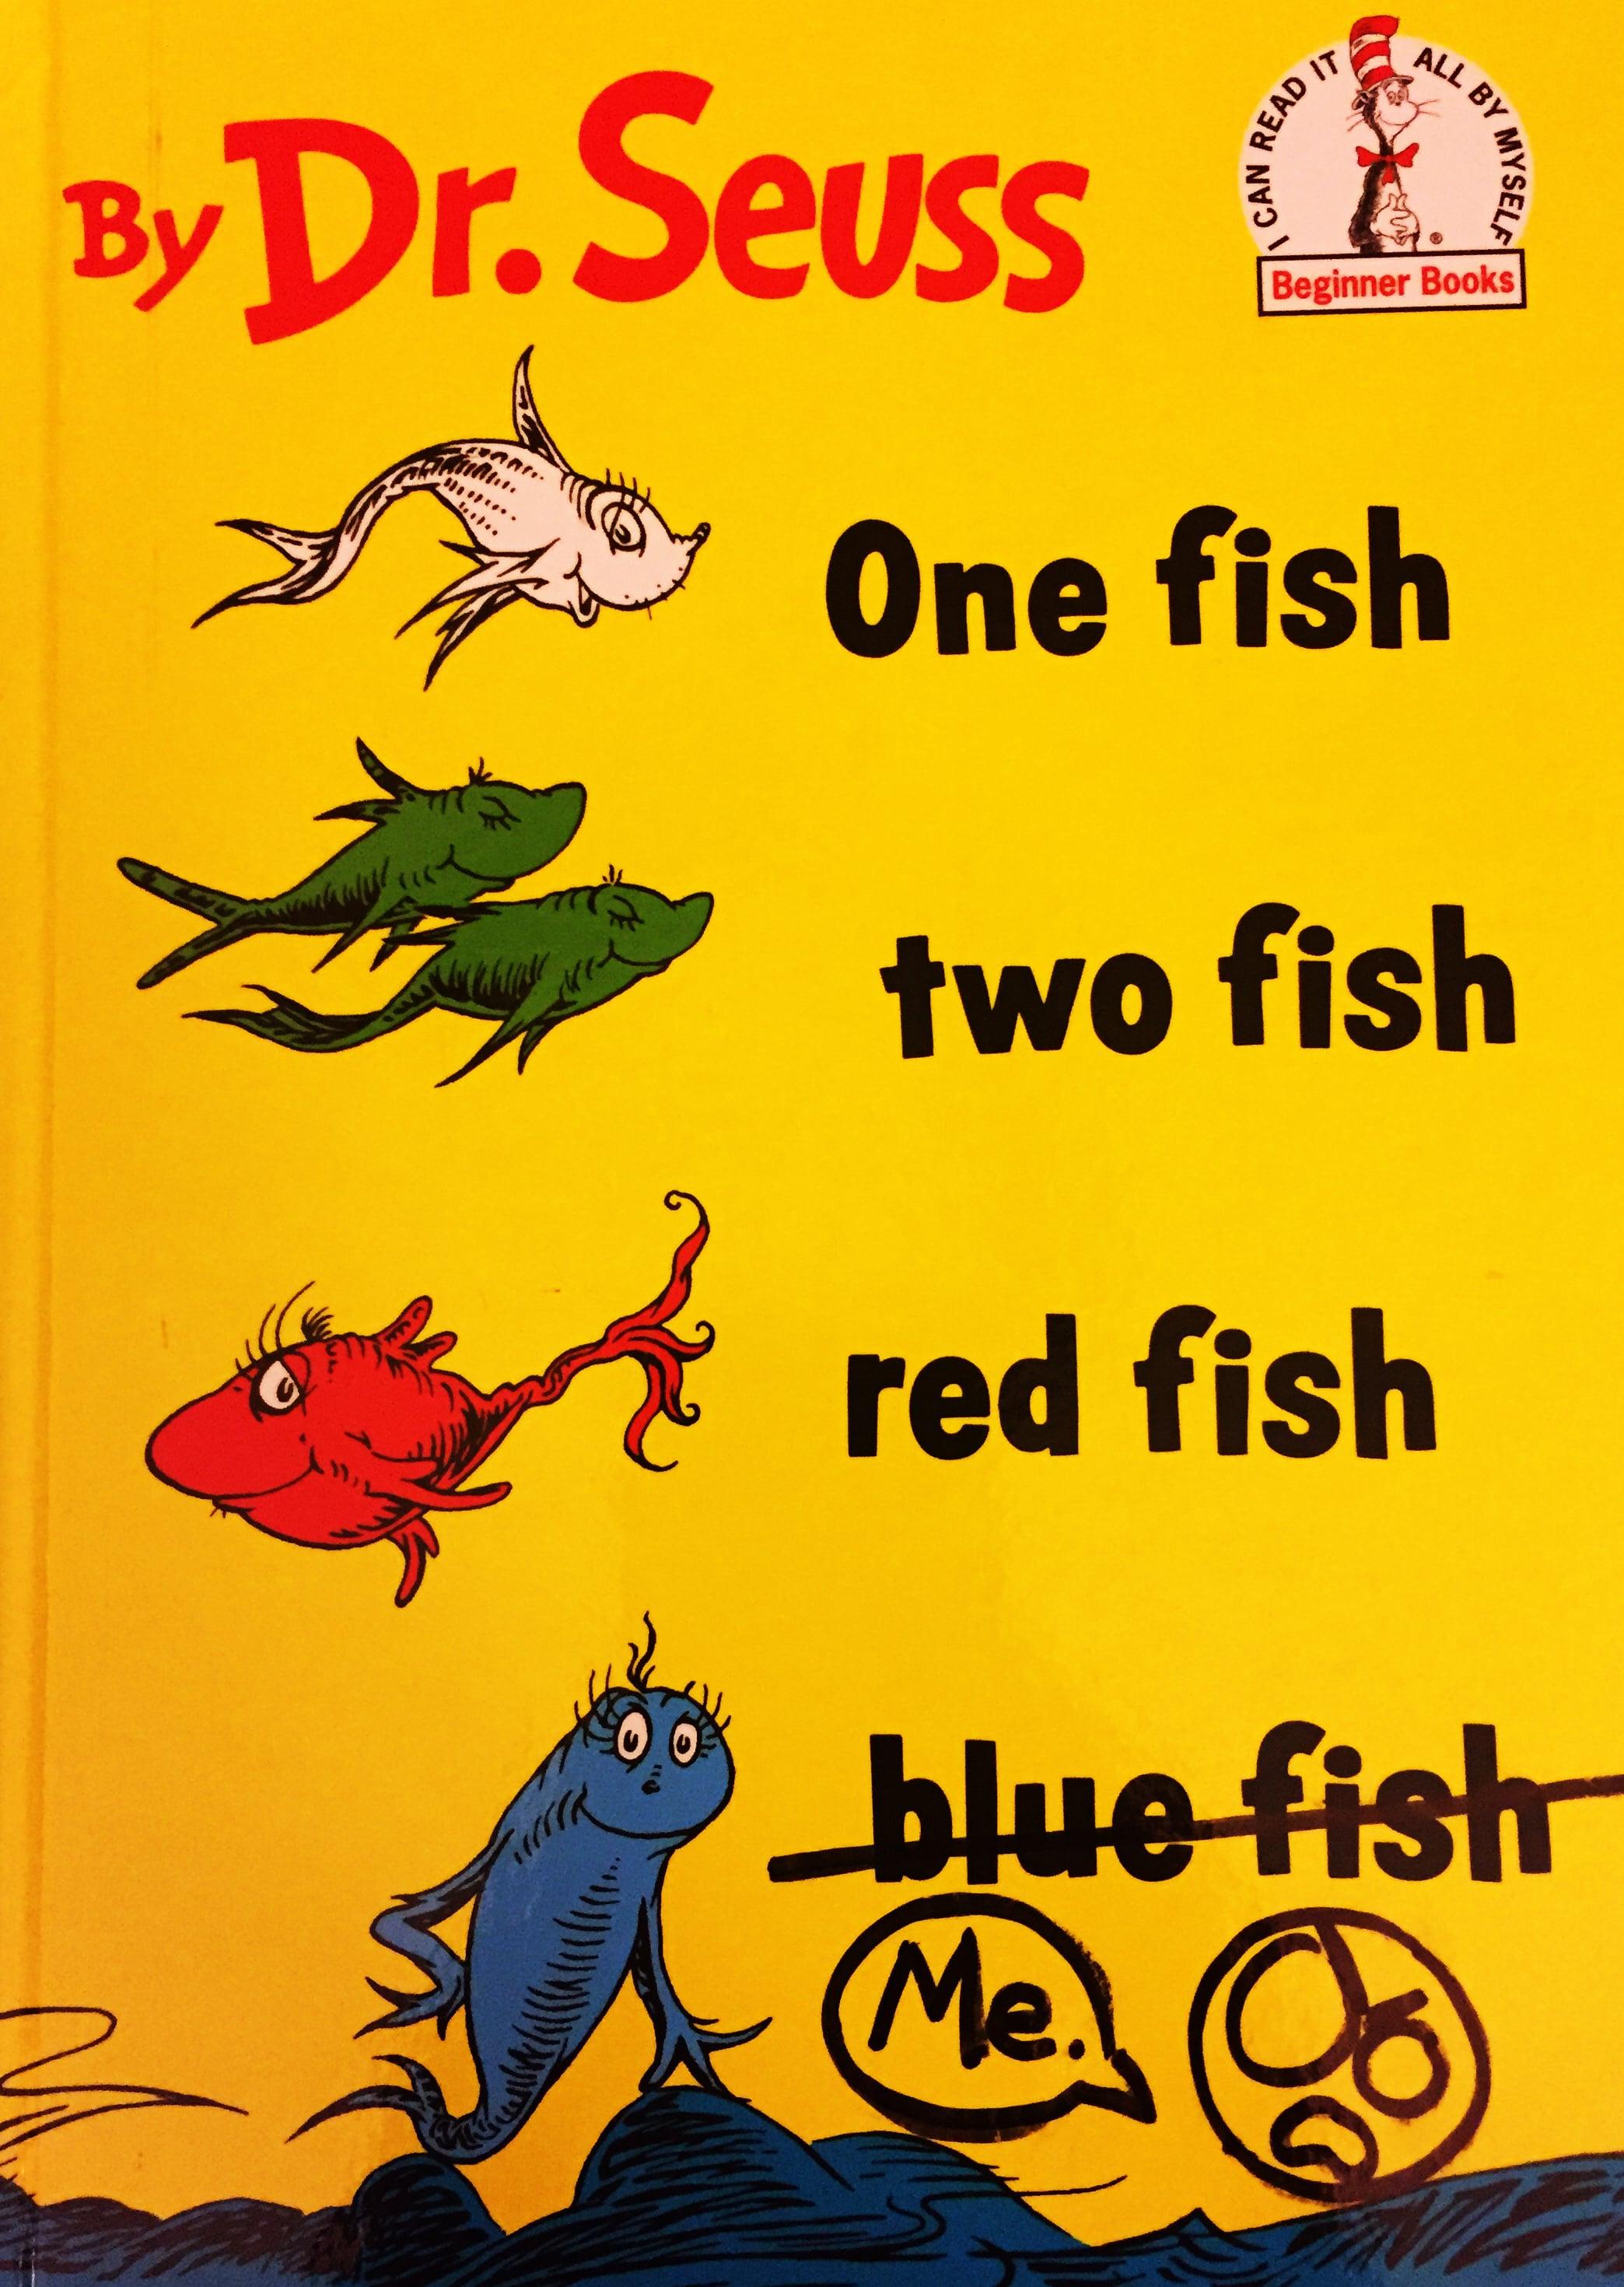 Warpo Fish 1 copy.jpg